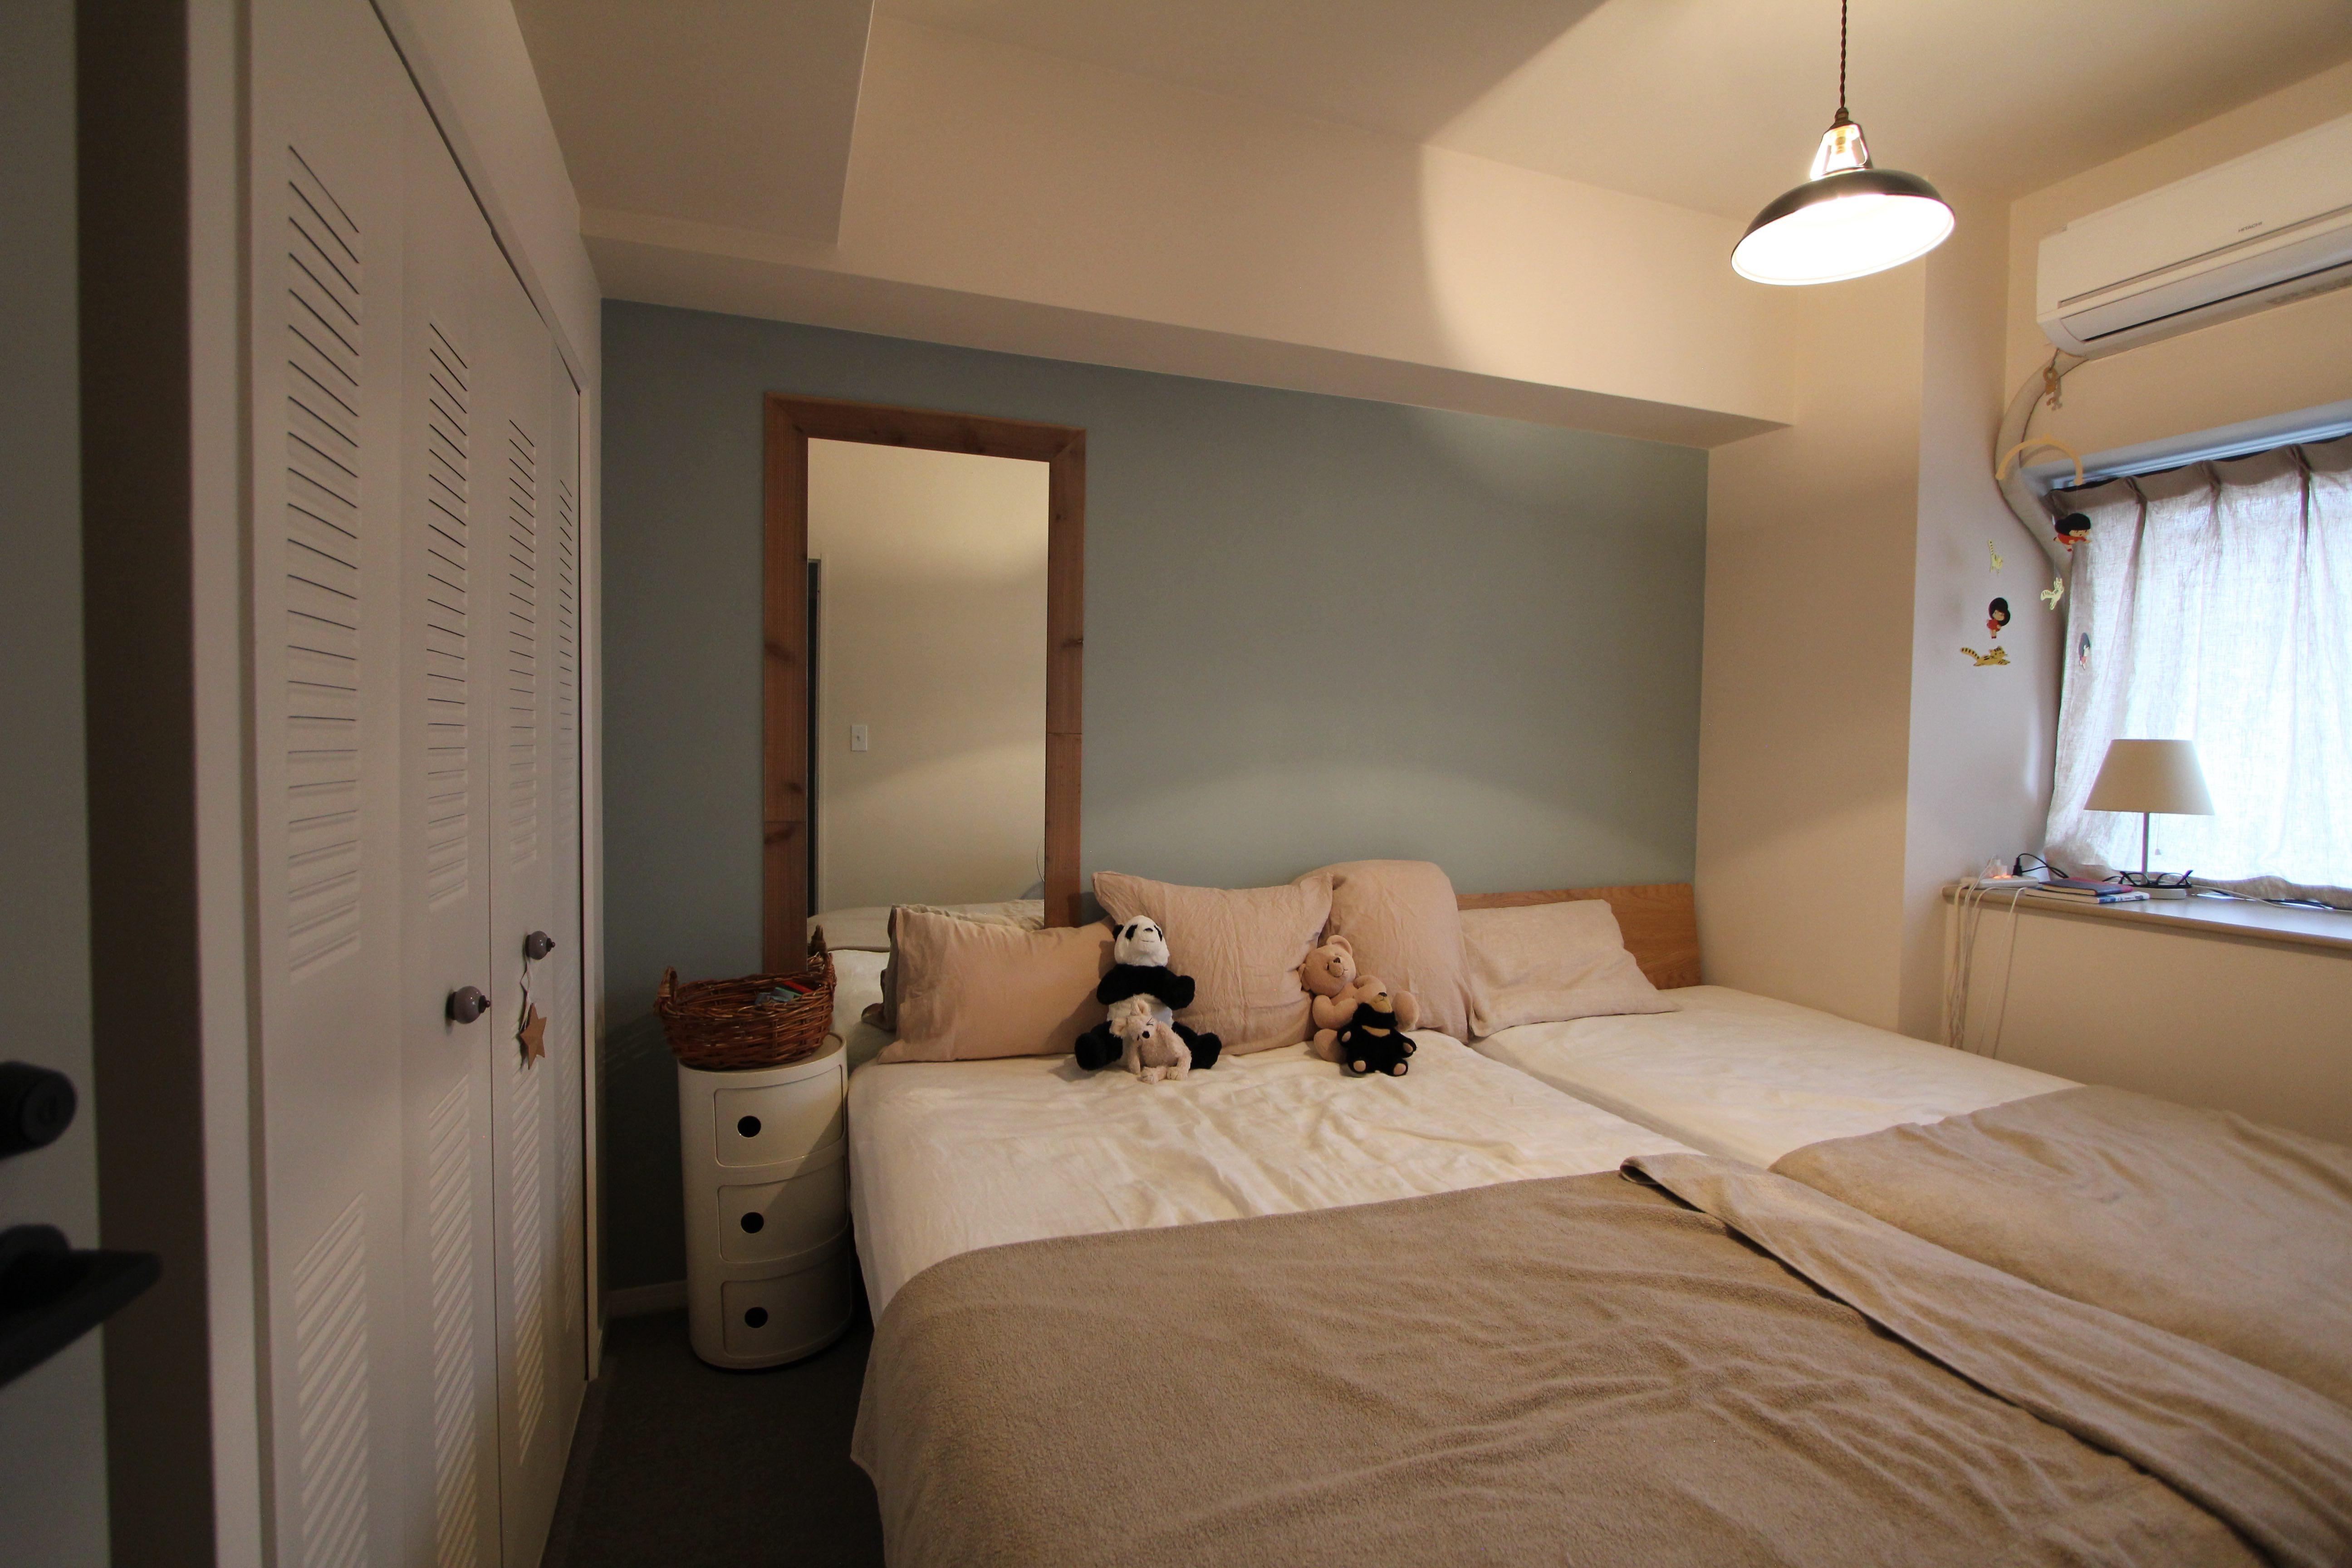 ベッドルーム事例:ベッドルーム(スモーキーな色使い(上井草マンションリノベーション))